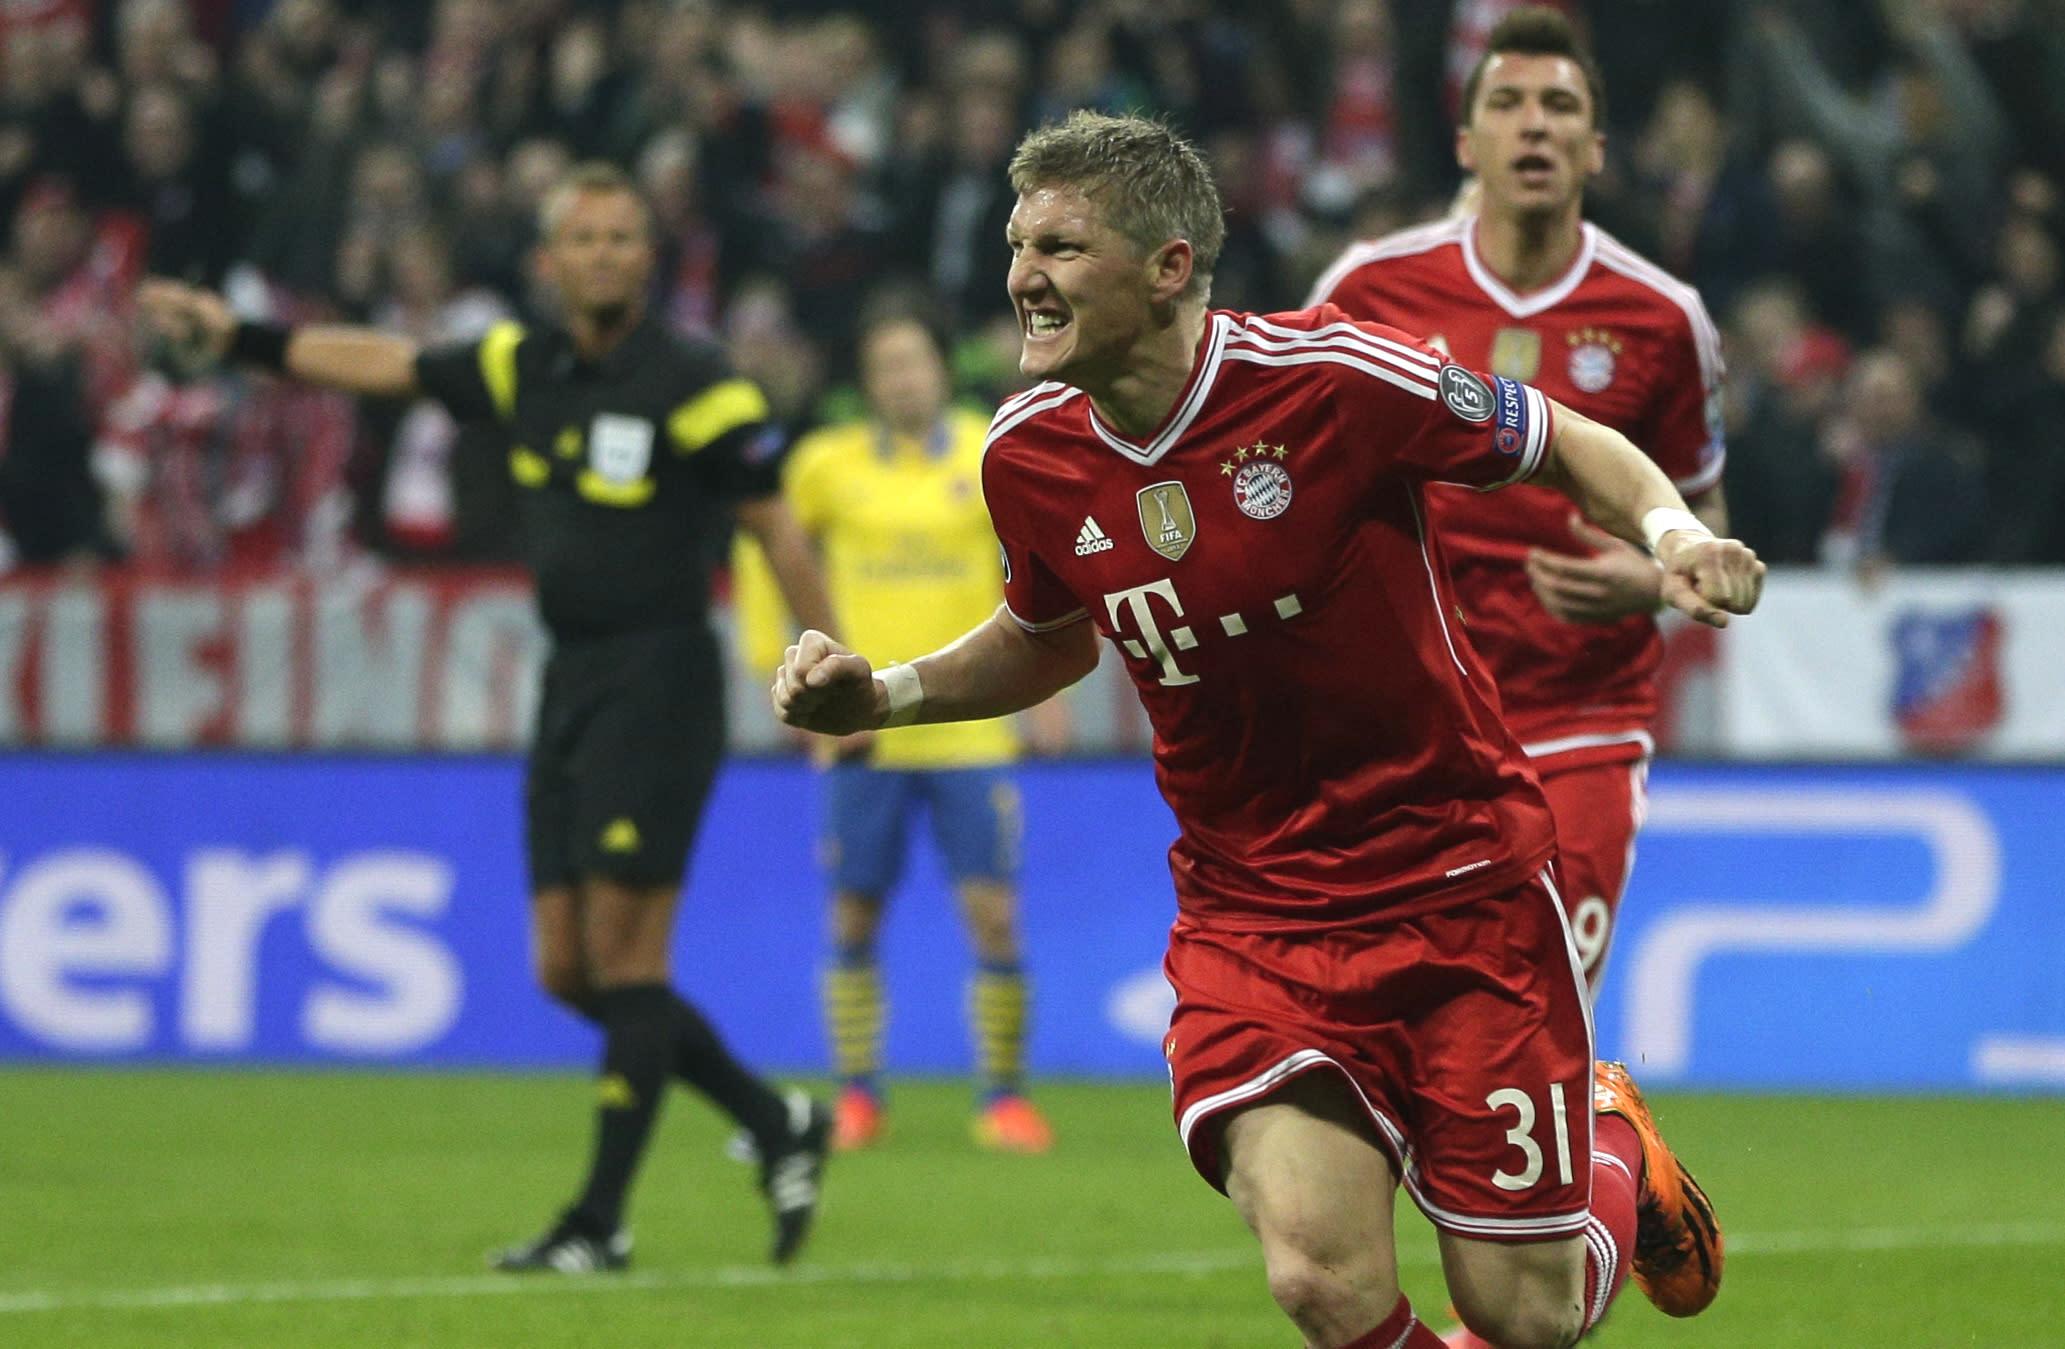 Bayern empata y avanza a cuartos de Champions